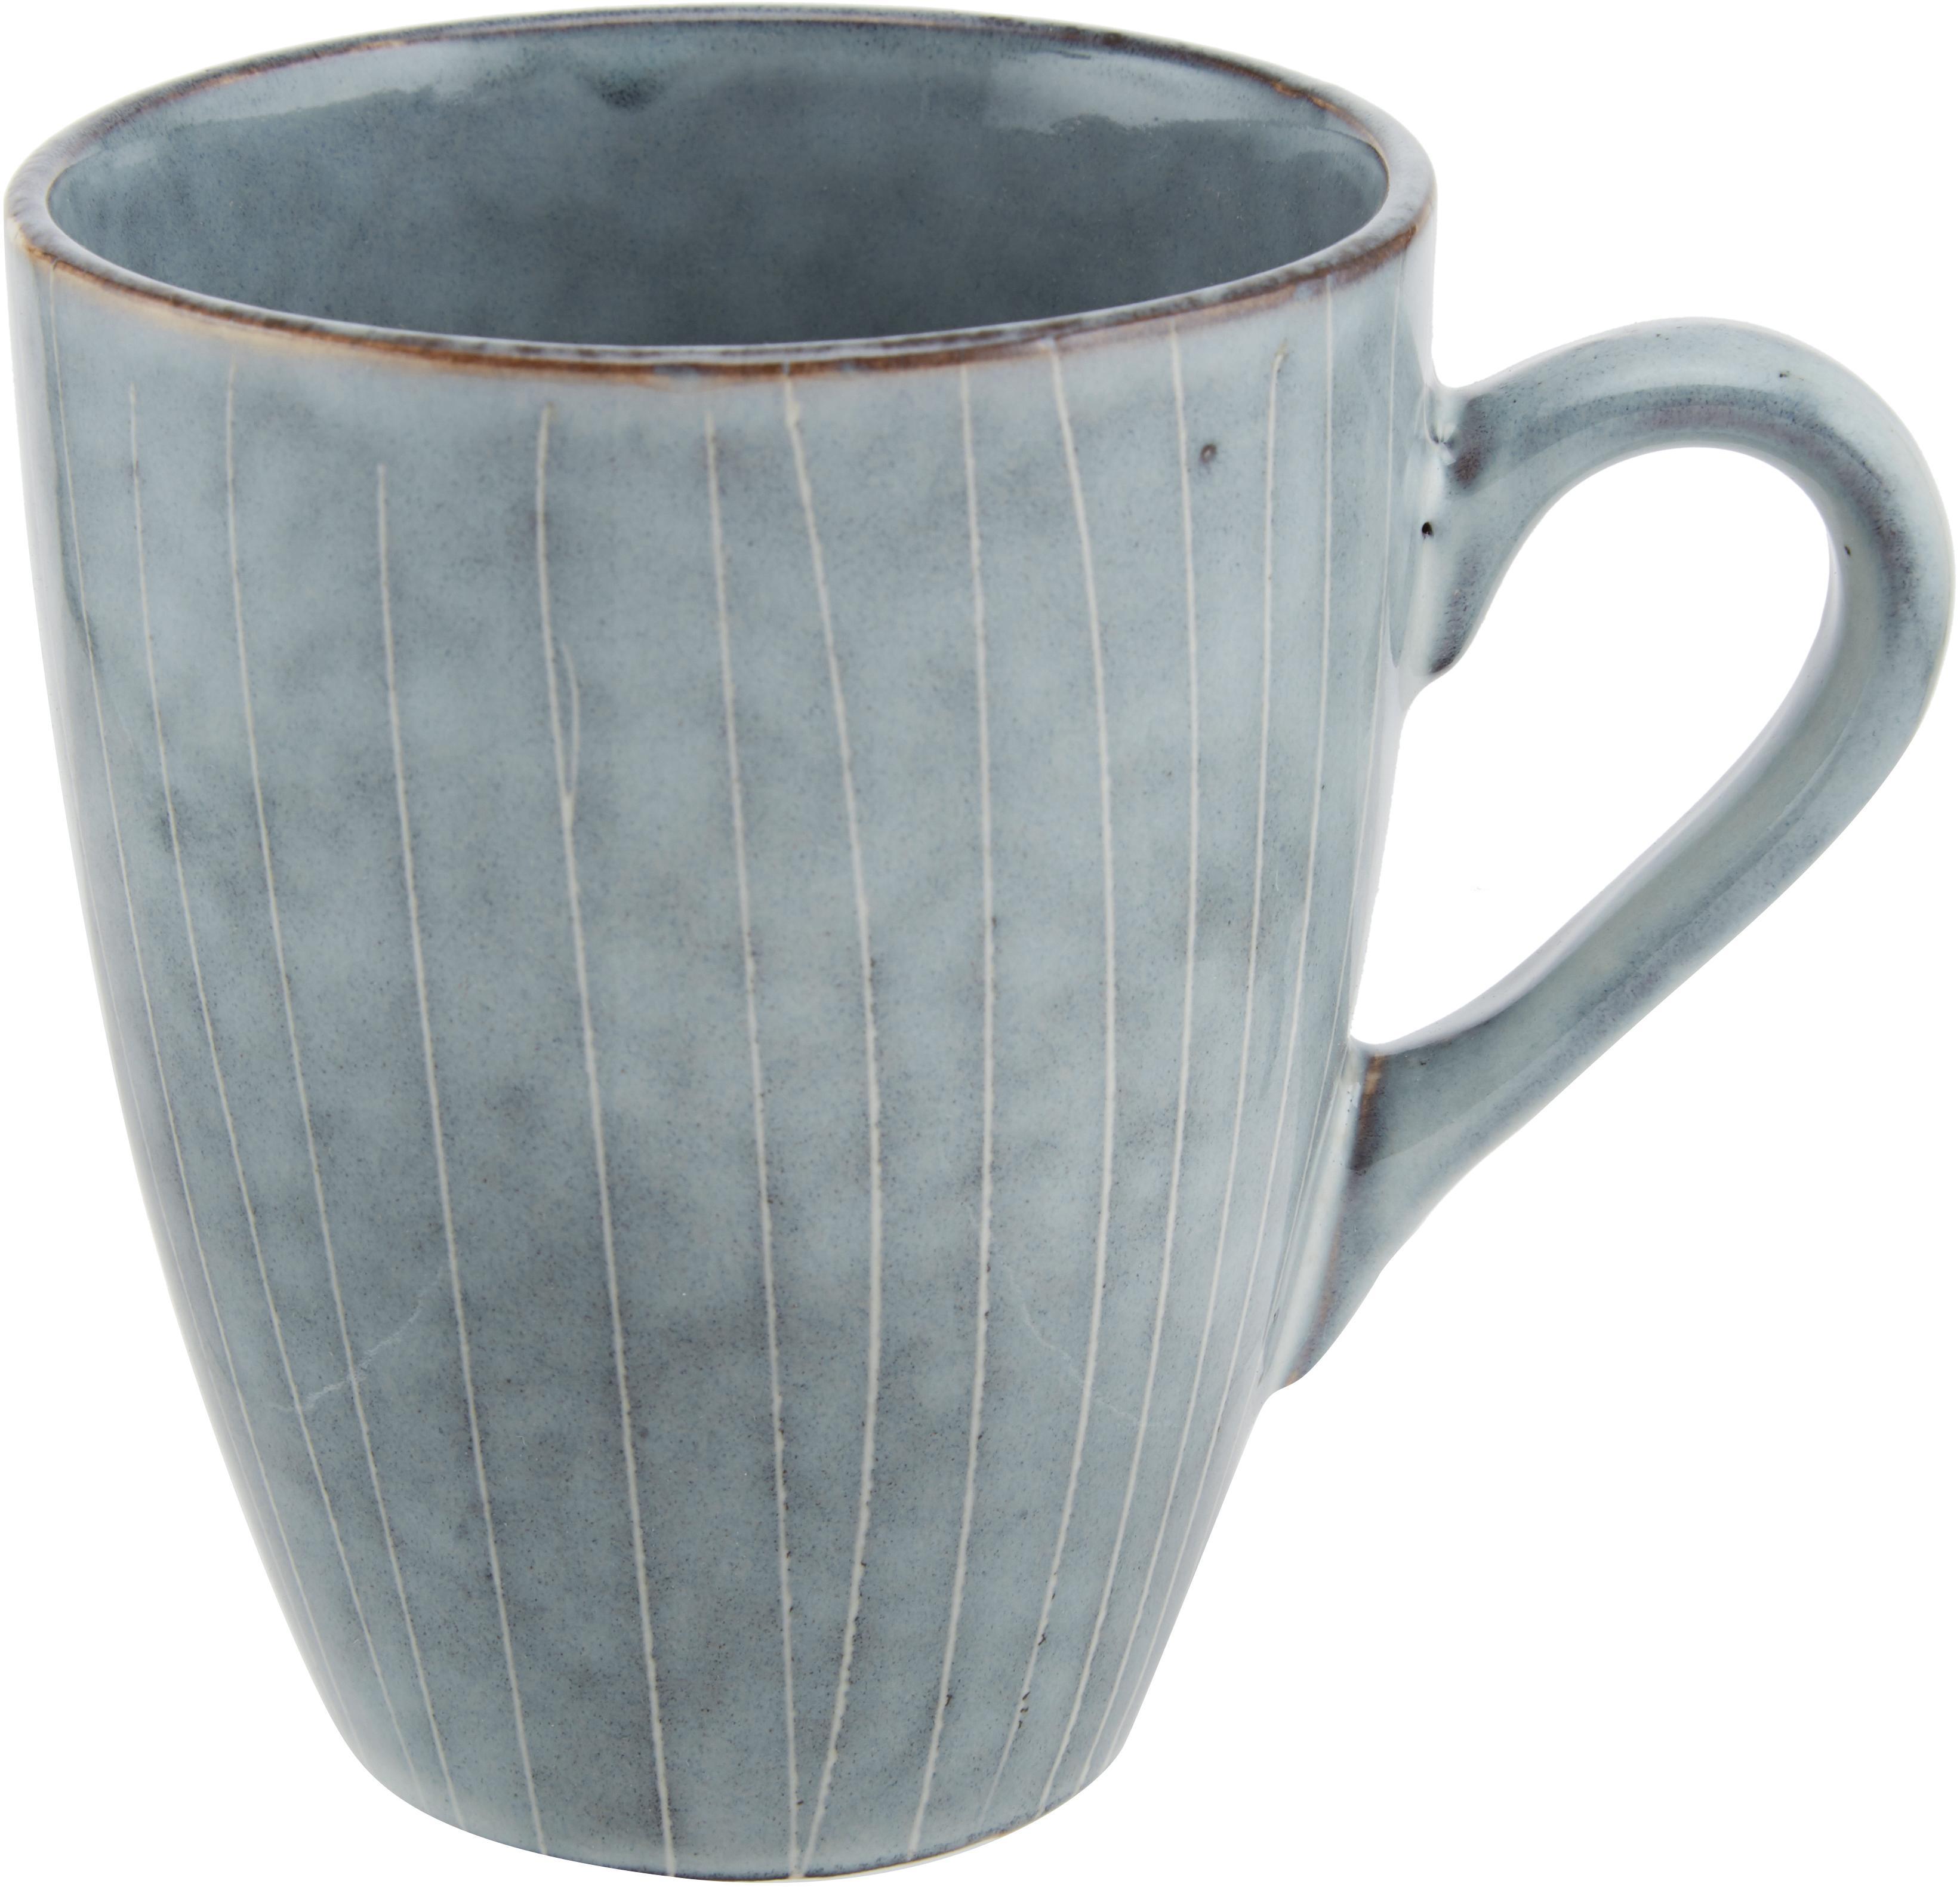 Handgemachte Tassen Nordic Sea aus Steingut, 6 Stück, Steingut, Grau- und Blautöne, Ø 10 x H 12 cm